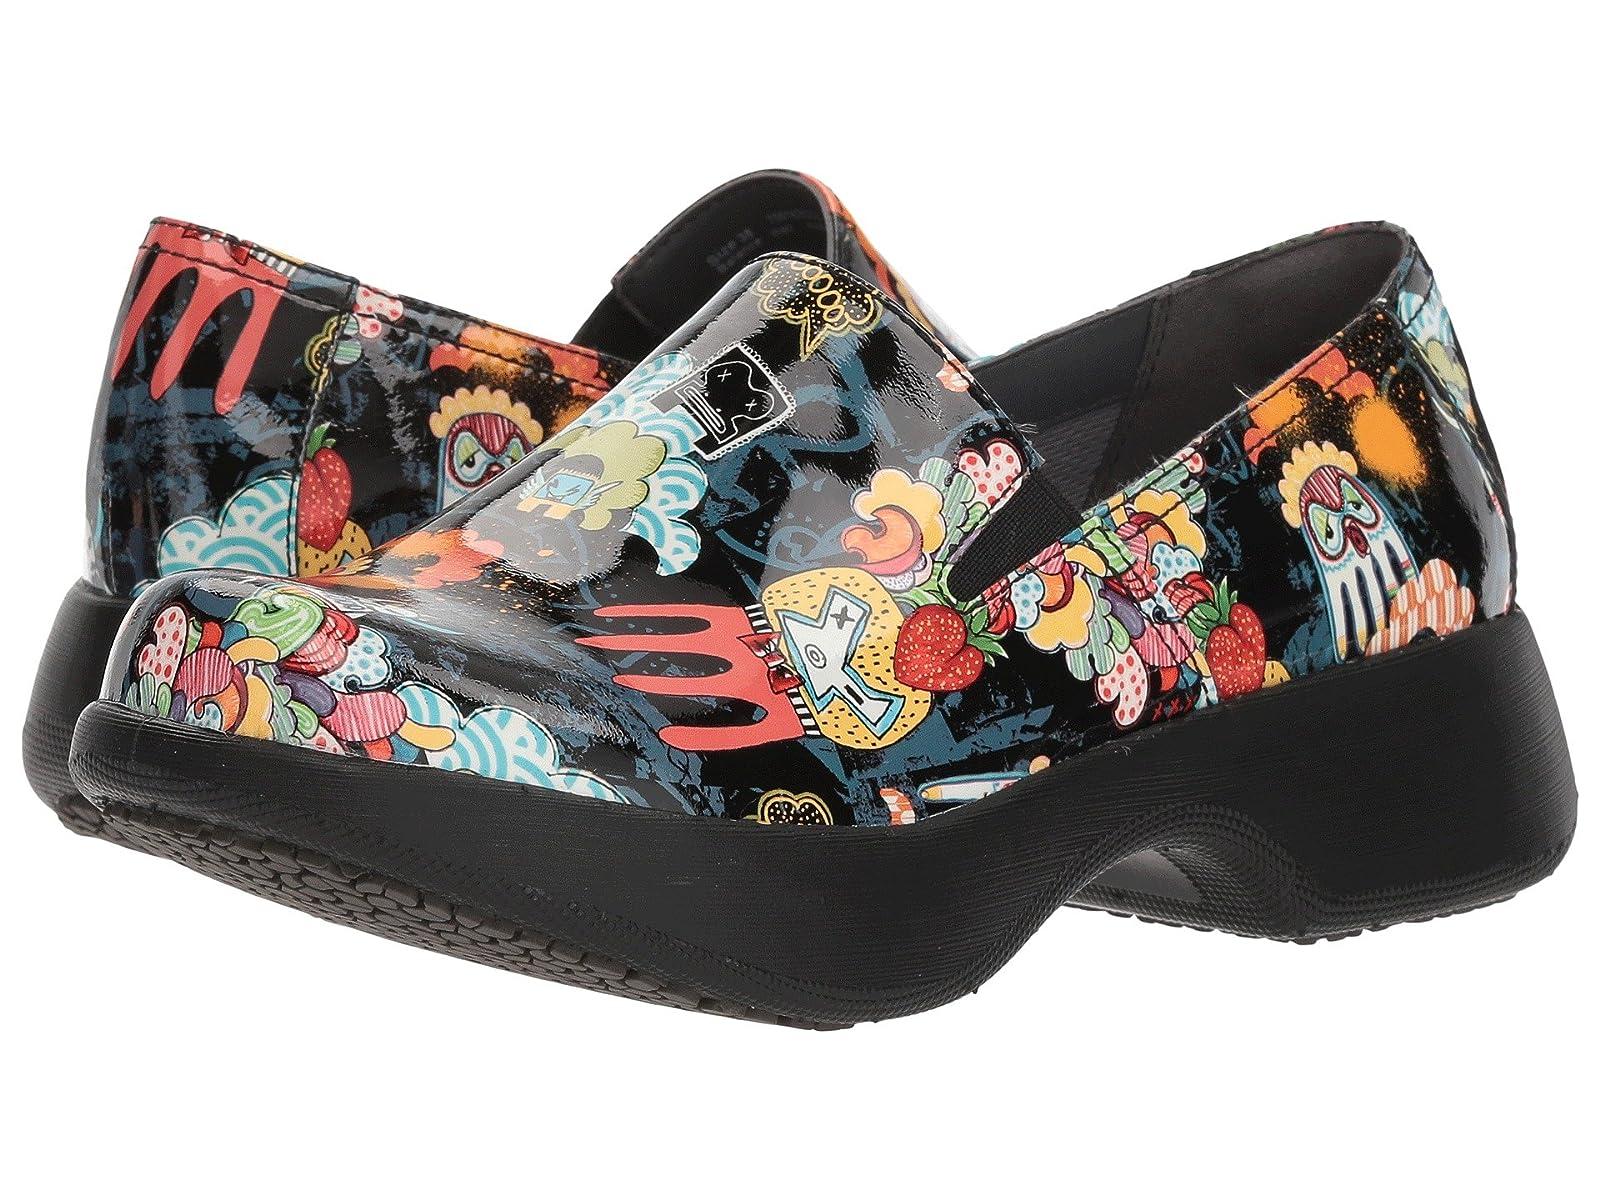 Dansko WinonaAtmospheric grades have affordable shoes